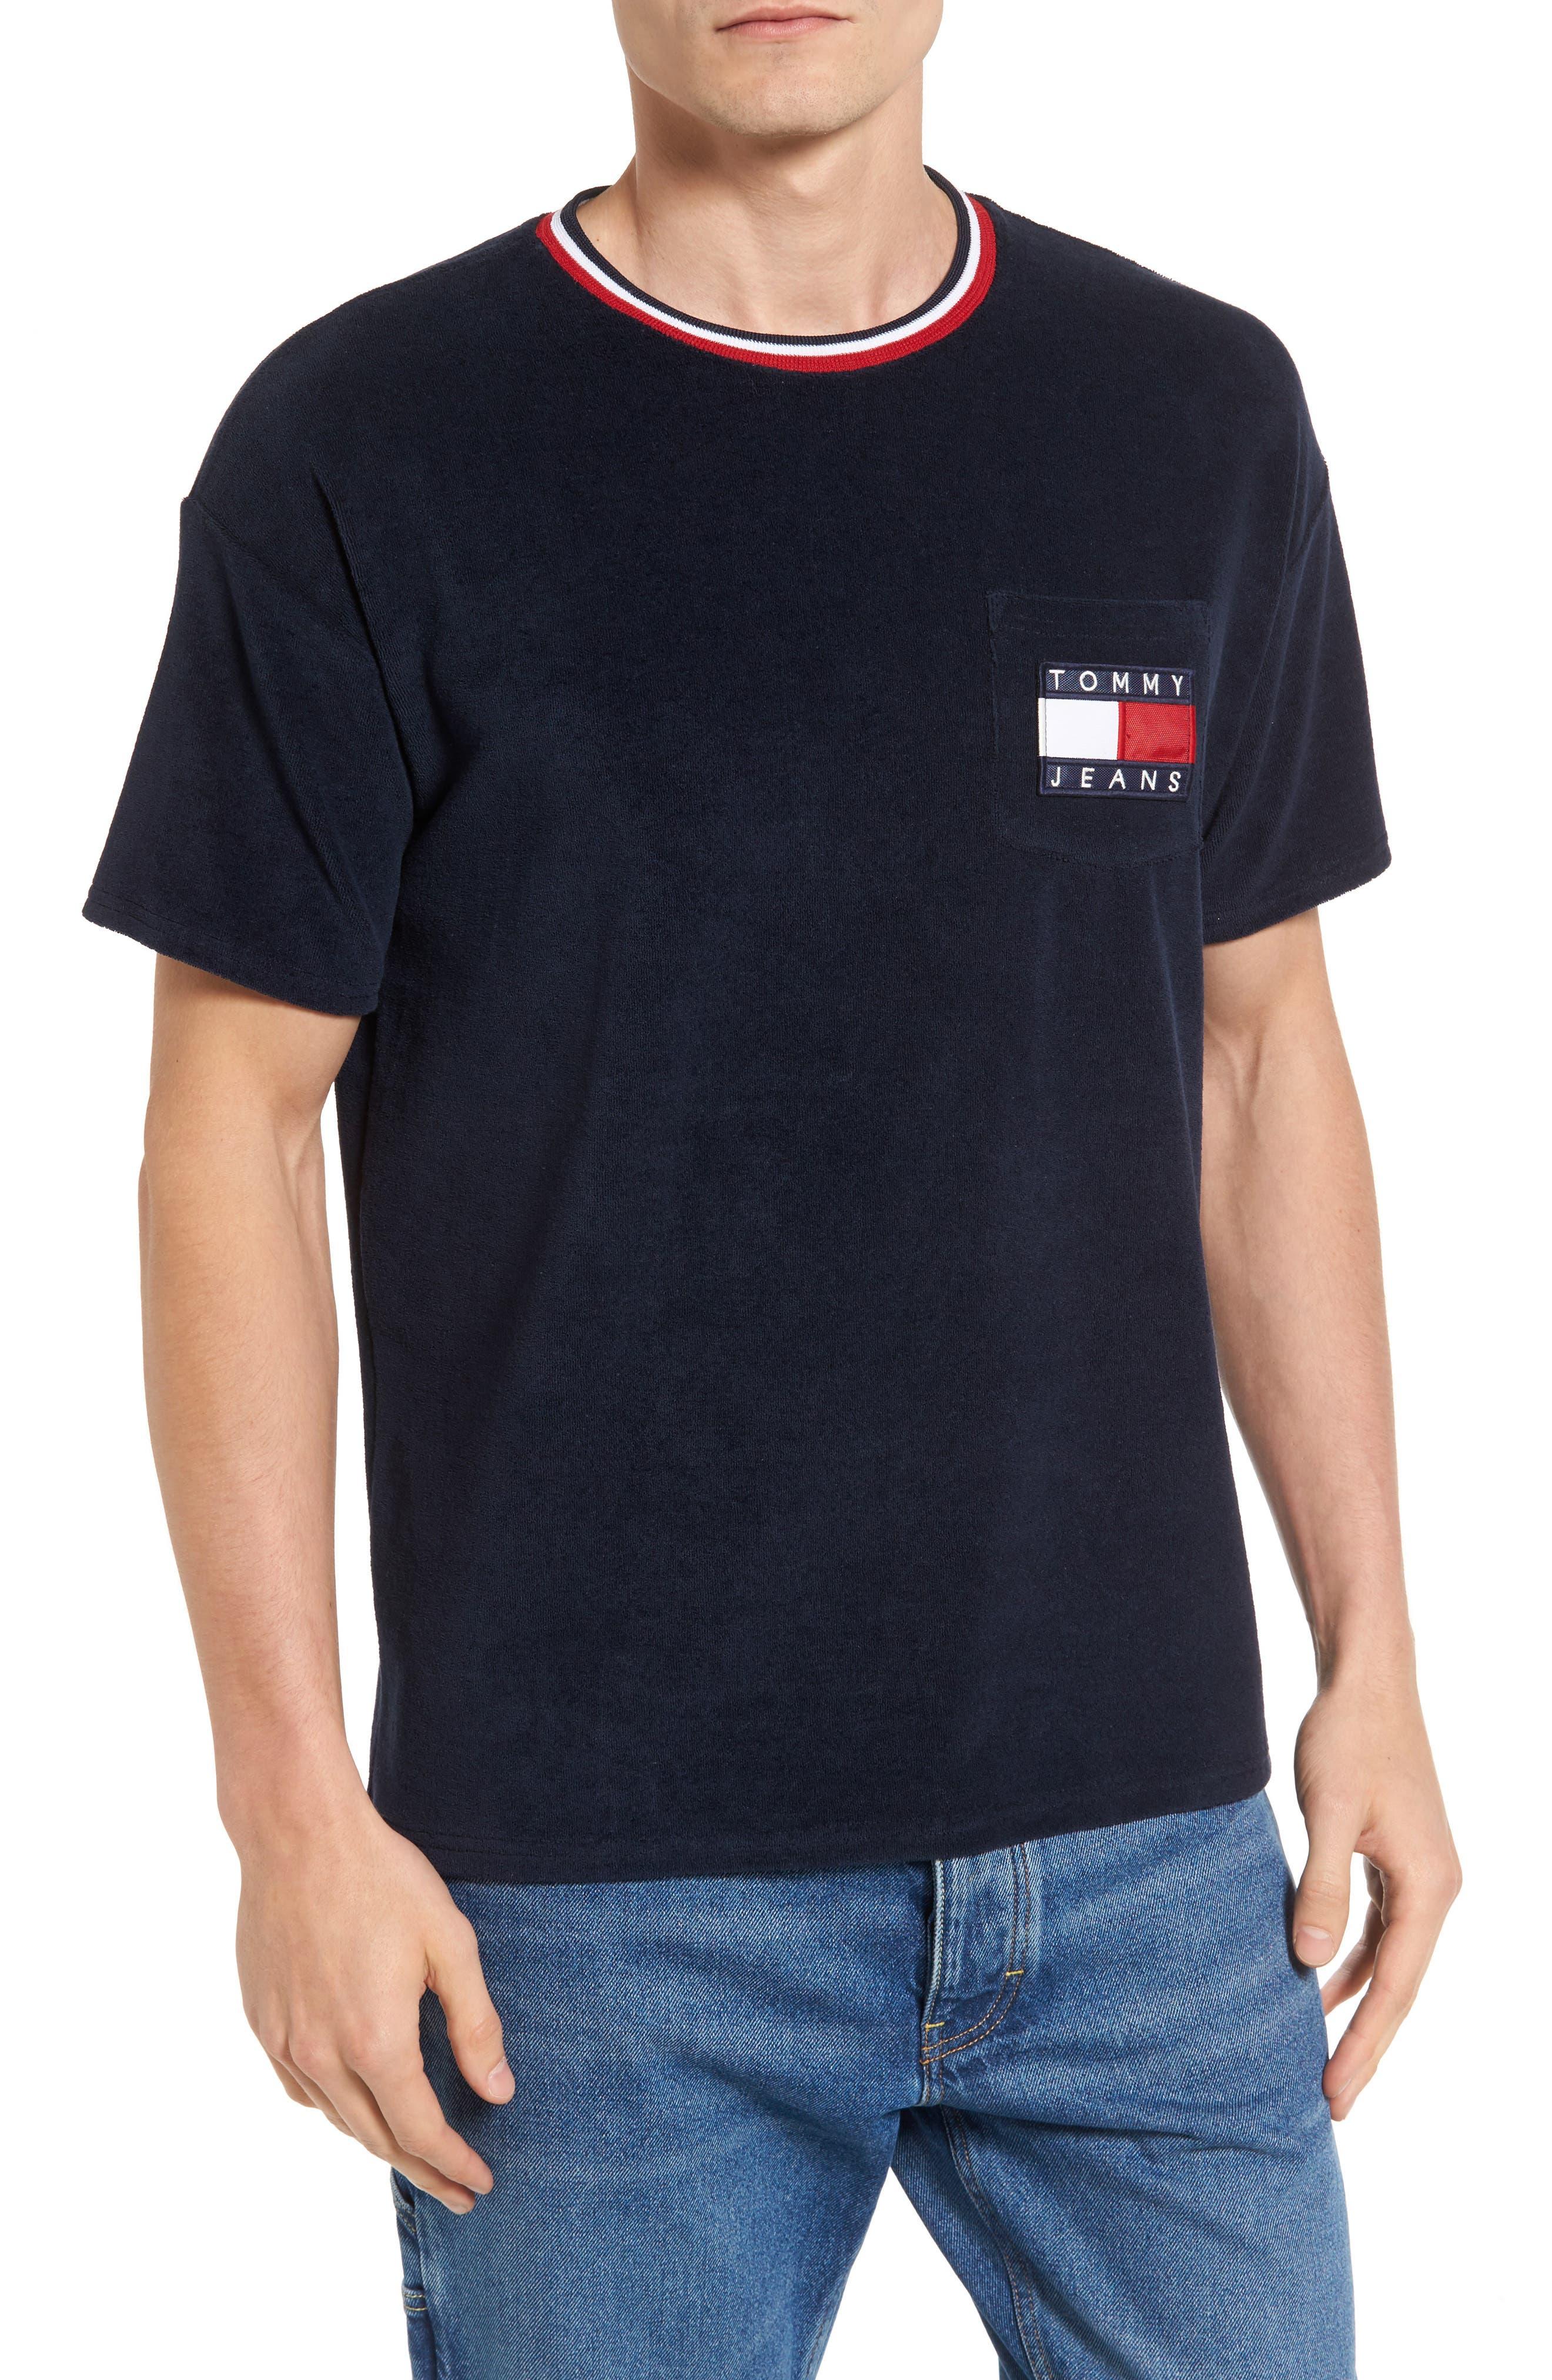 Tommy Hilfiger Logo Pocket T-Shirt